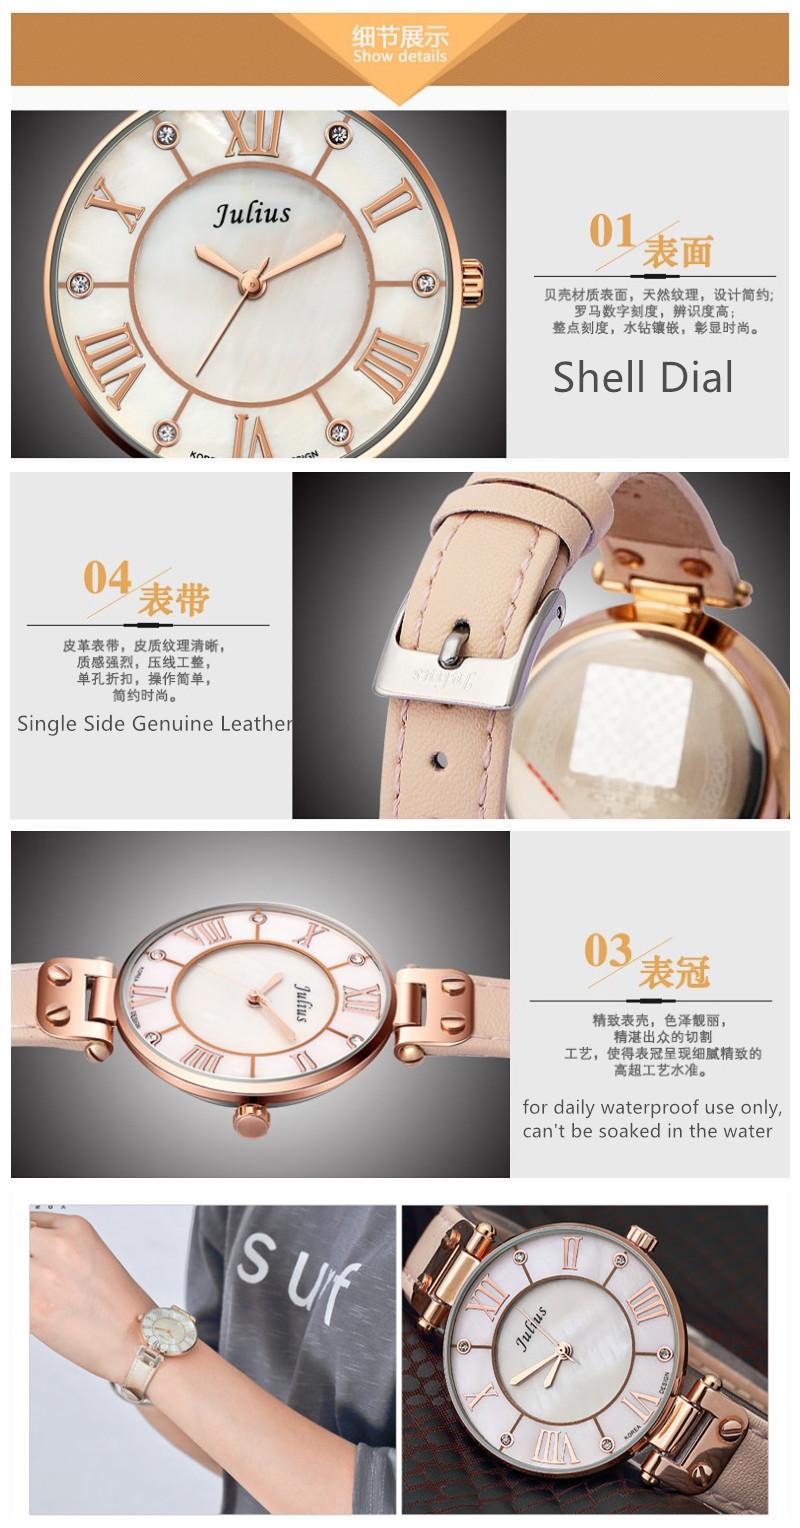 Новая леди женщина юлий наручные часы кварцевых часов лучший мода платье браслет девушка подарок на день рождения кожа часы ретро рим 832